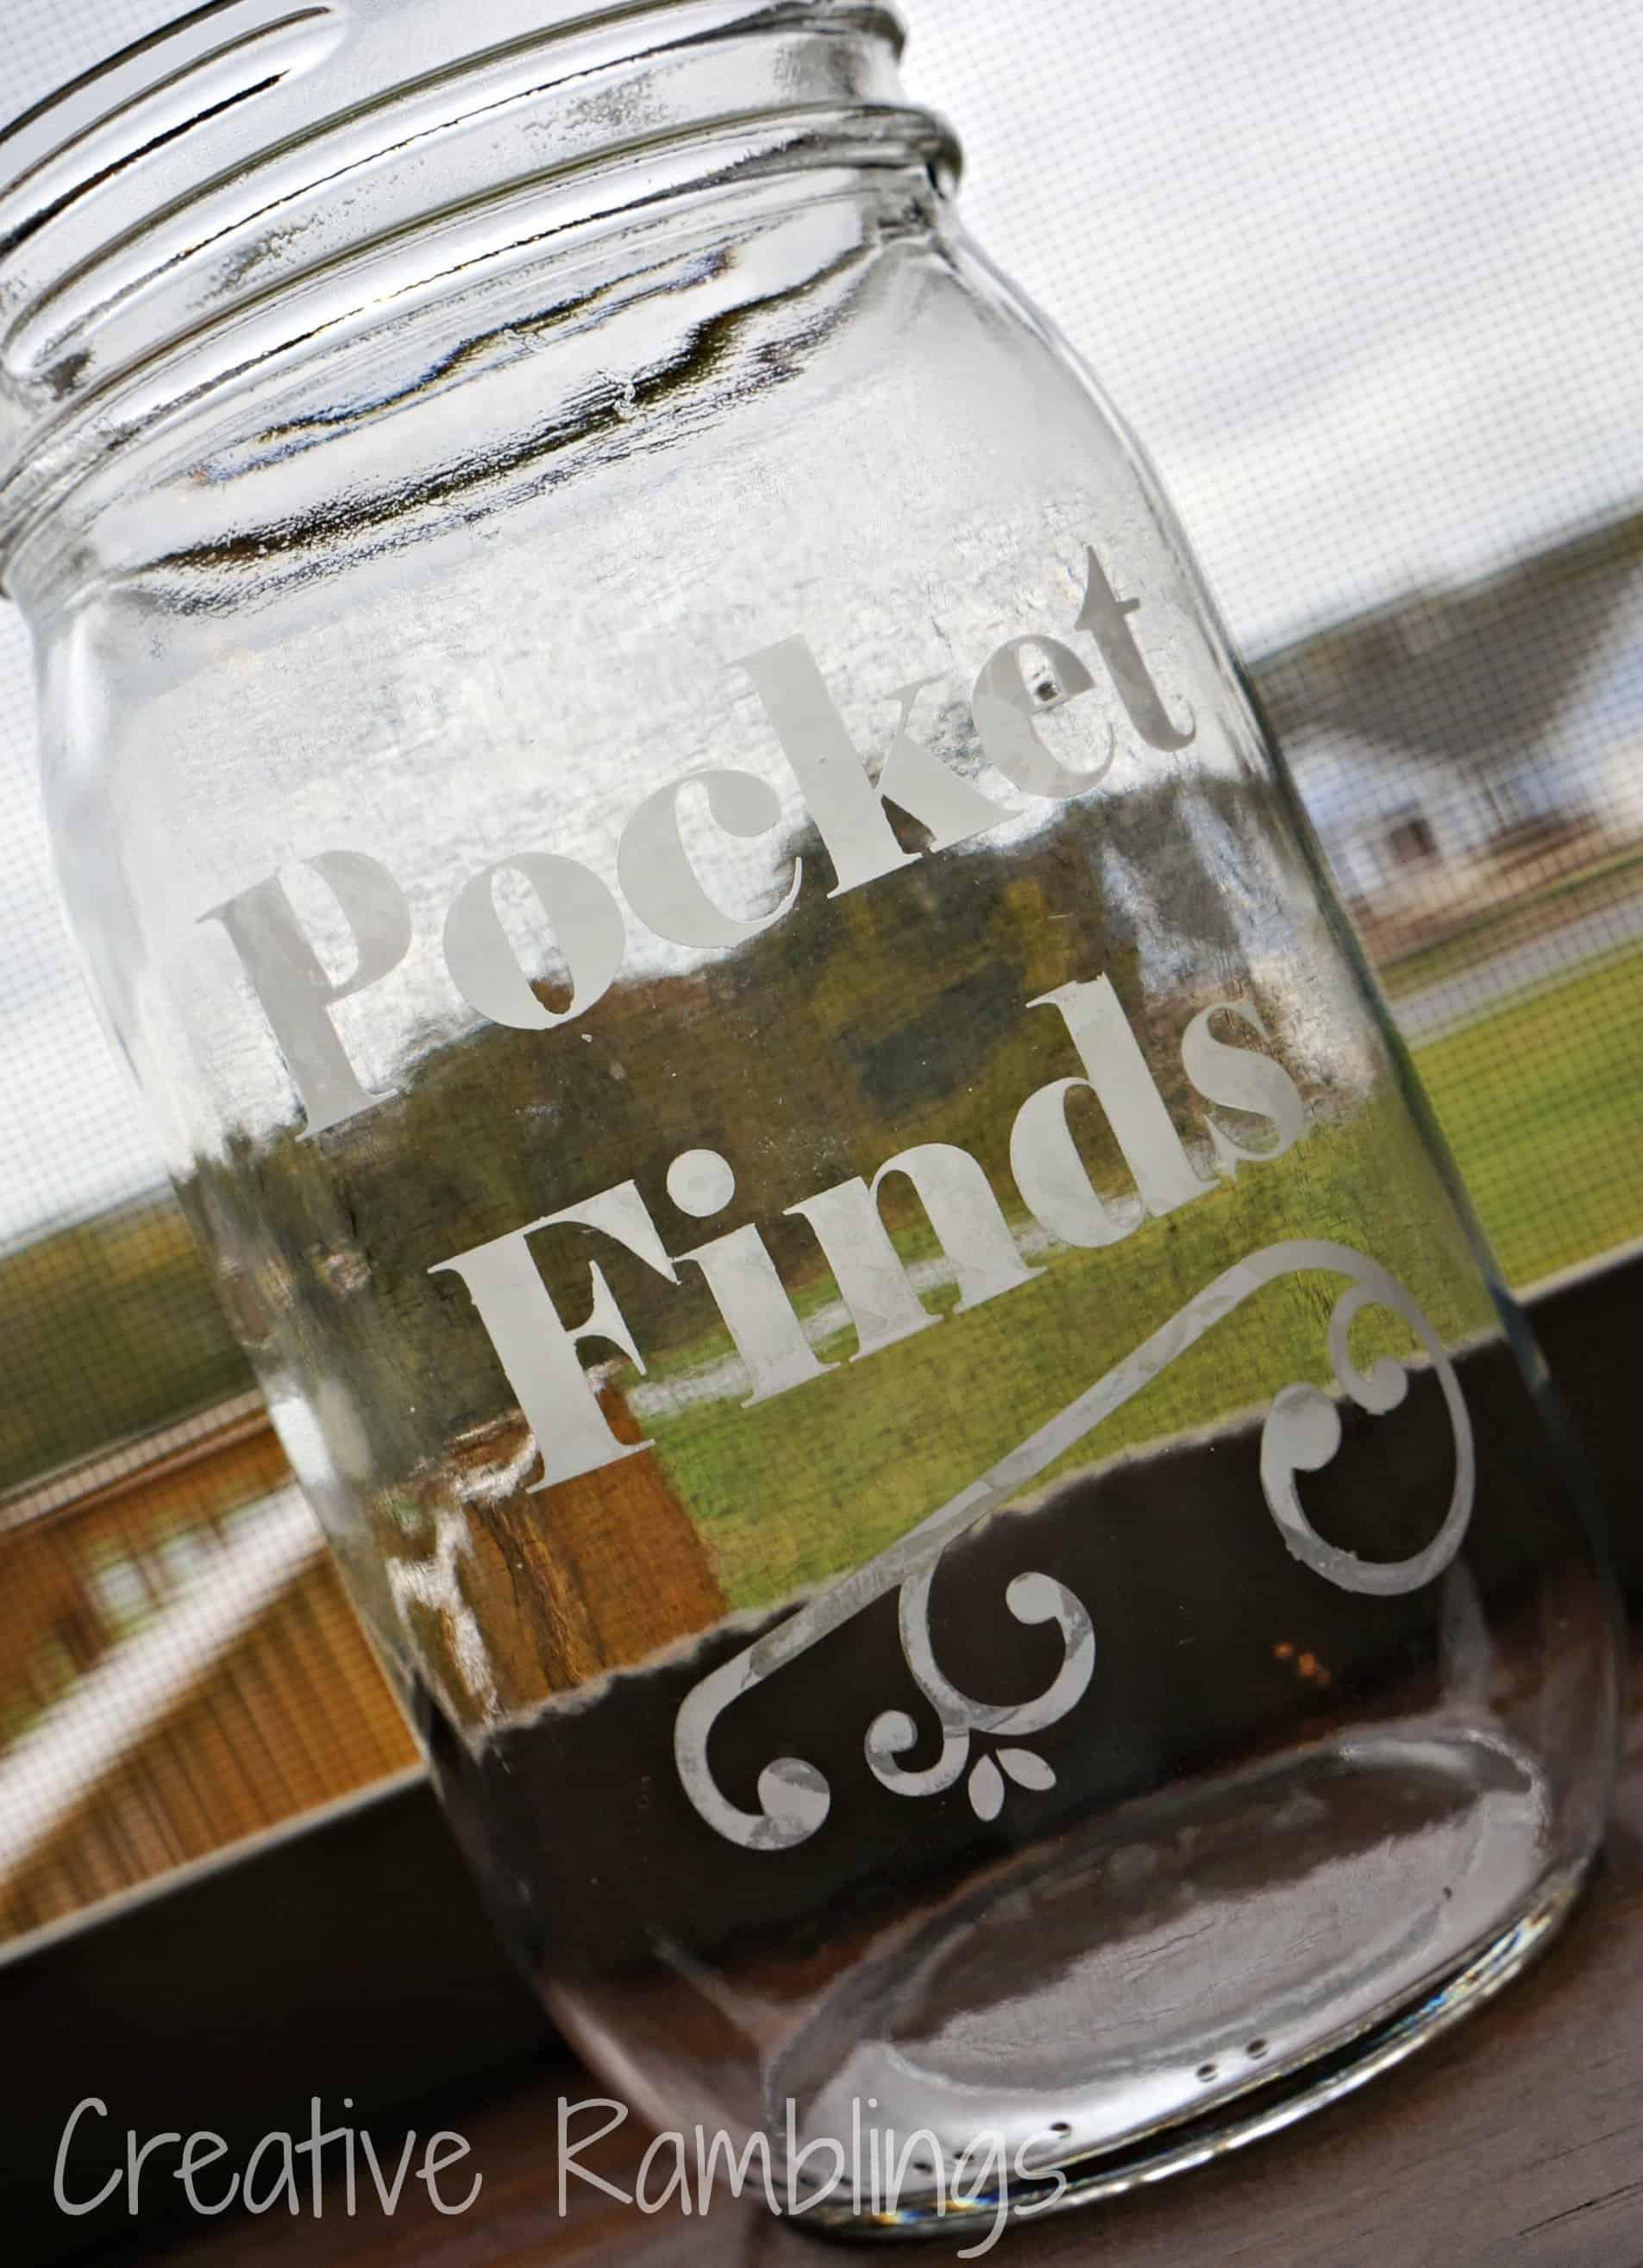 Laundry room pocket finds jar